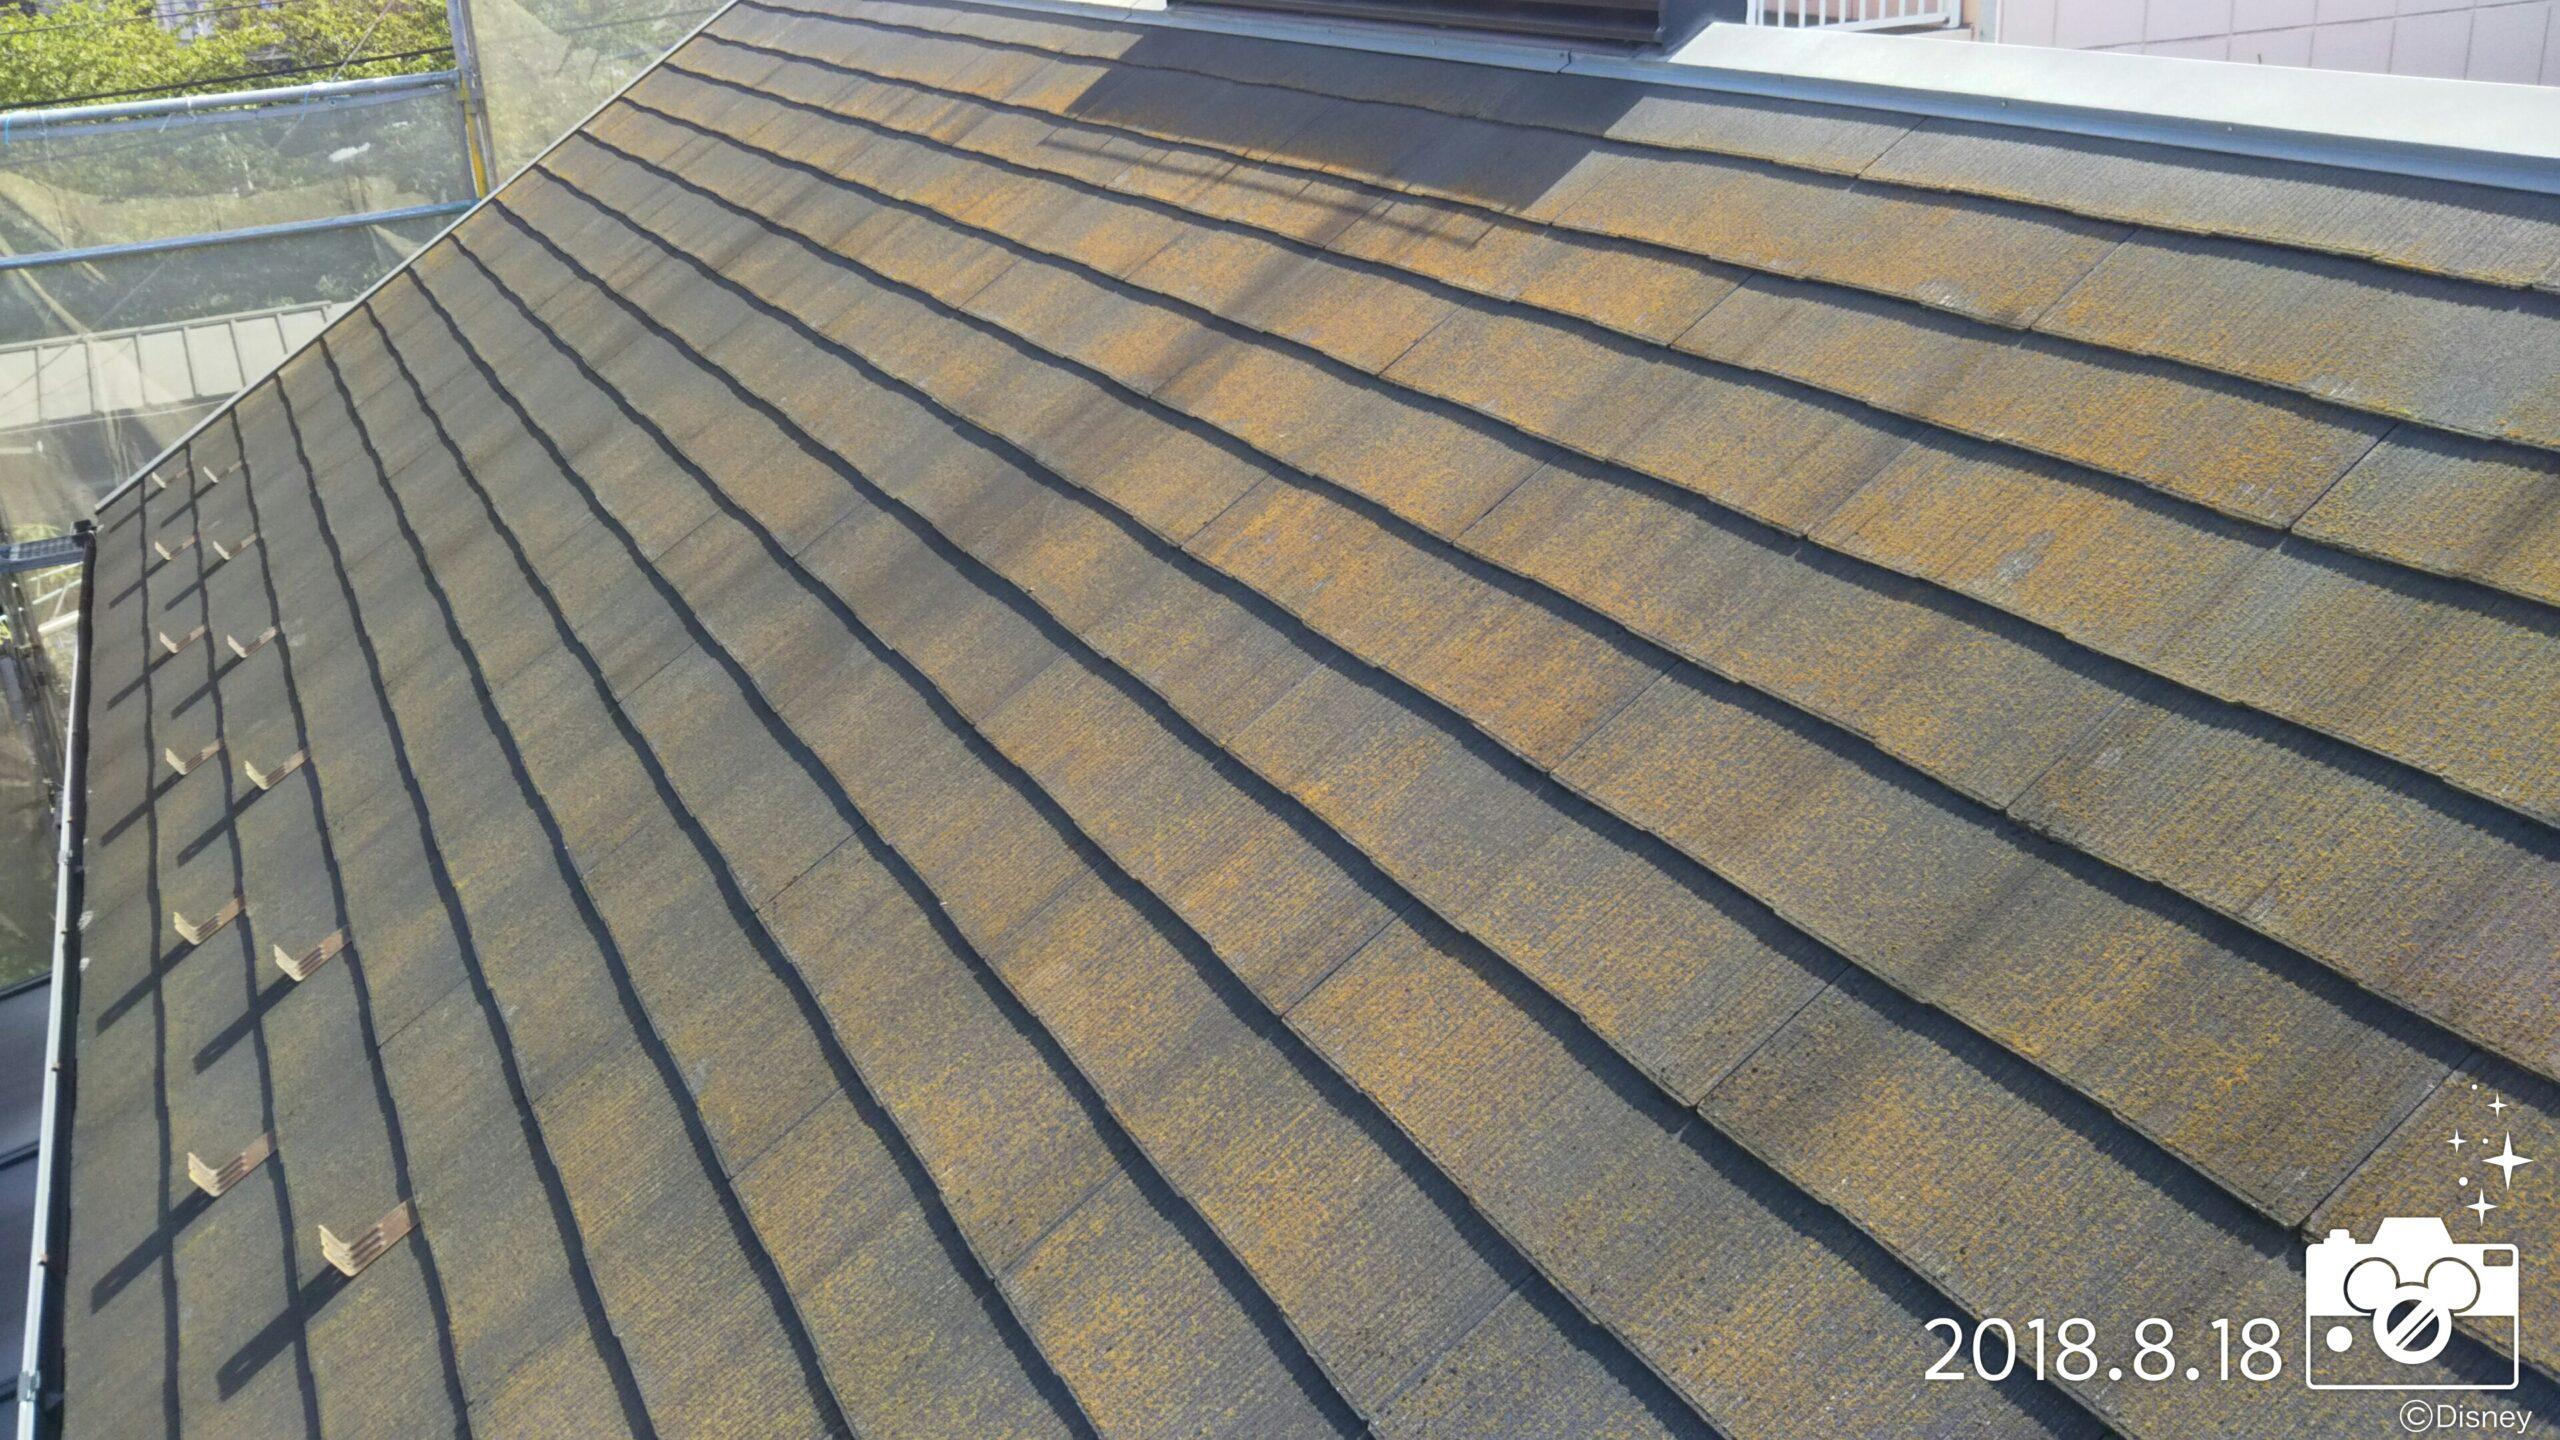 埼玉県さいたま市 外壁・屋根の洗浄作業とコーキングの撤去・養生作業|さいたま市桜区のI様邸にて塗り替えリフォーム中